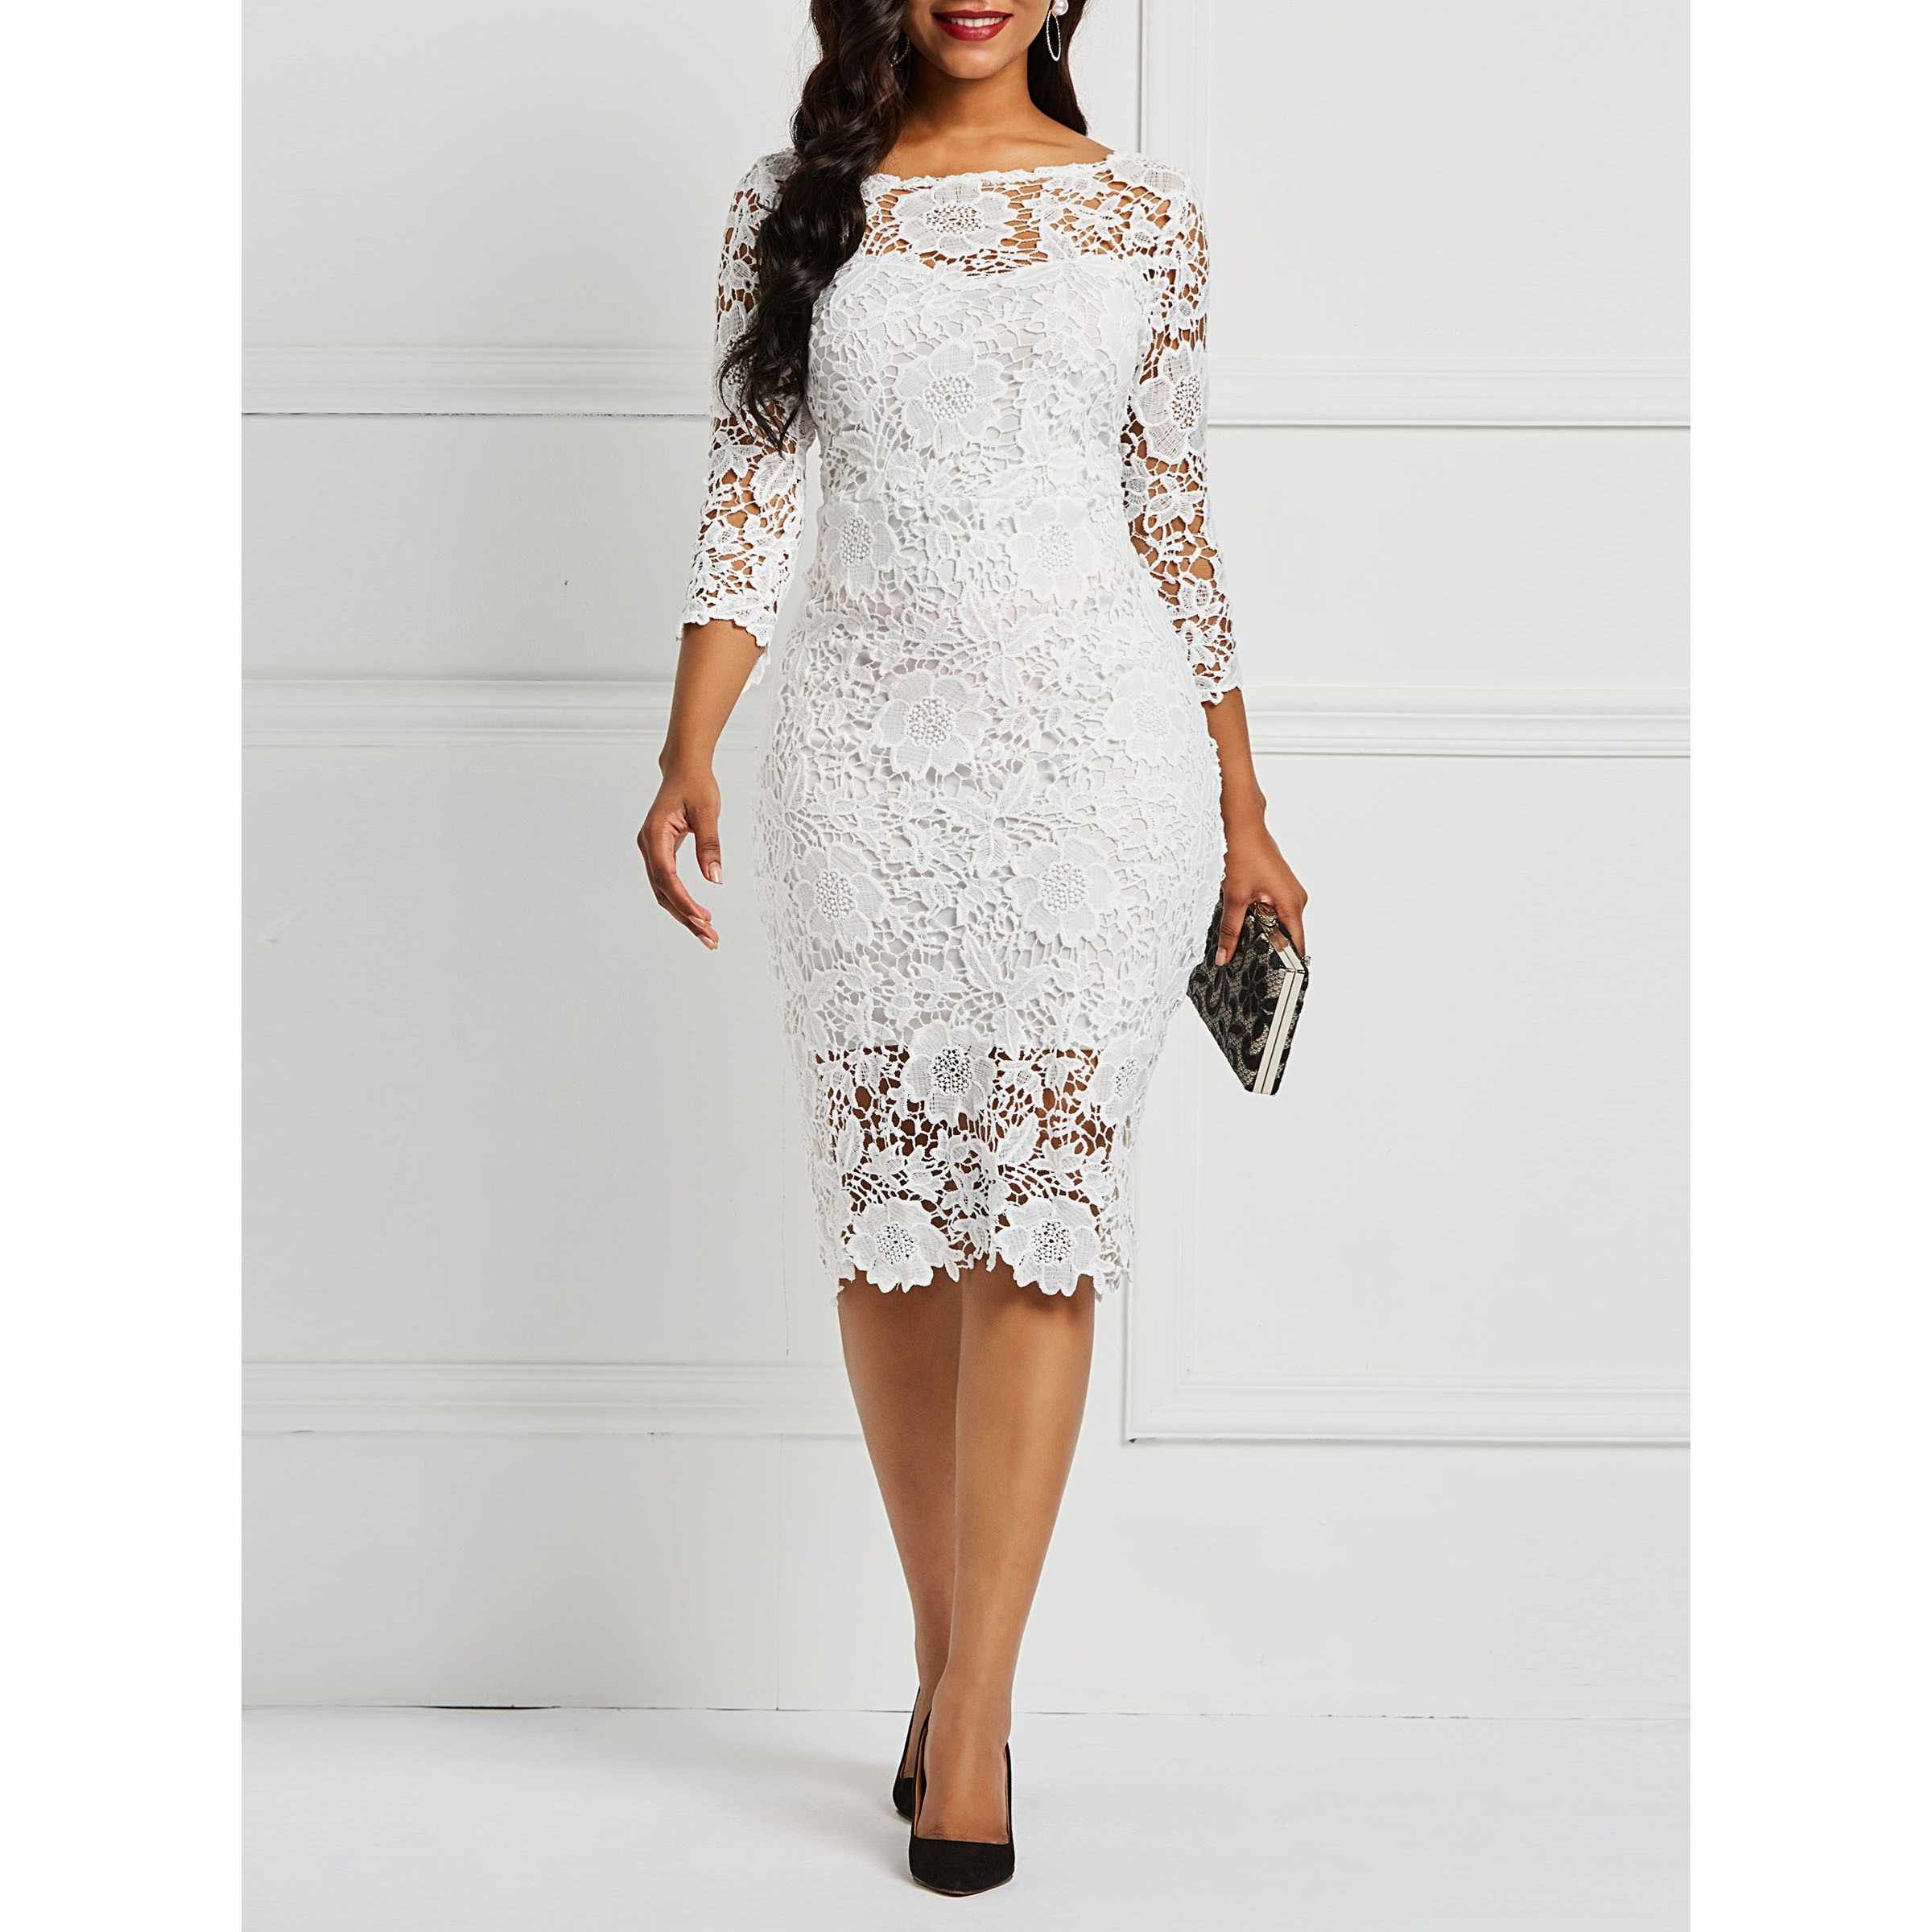 5b1bd933b Detalle Comentarios Preguntas sobre Maxi vestidos de fiesta elegante ...